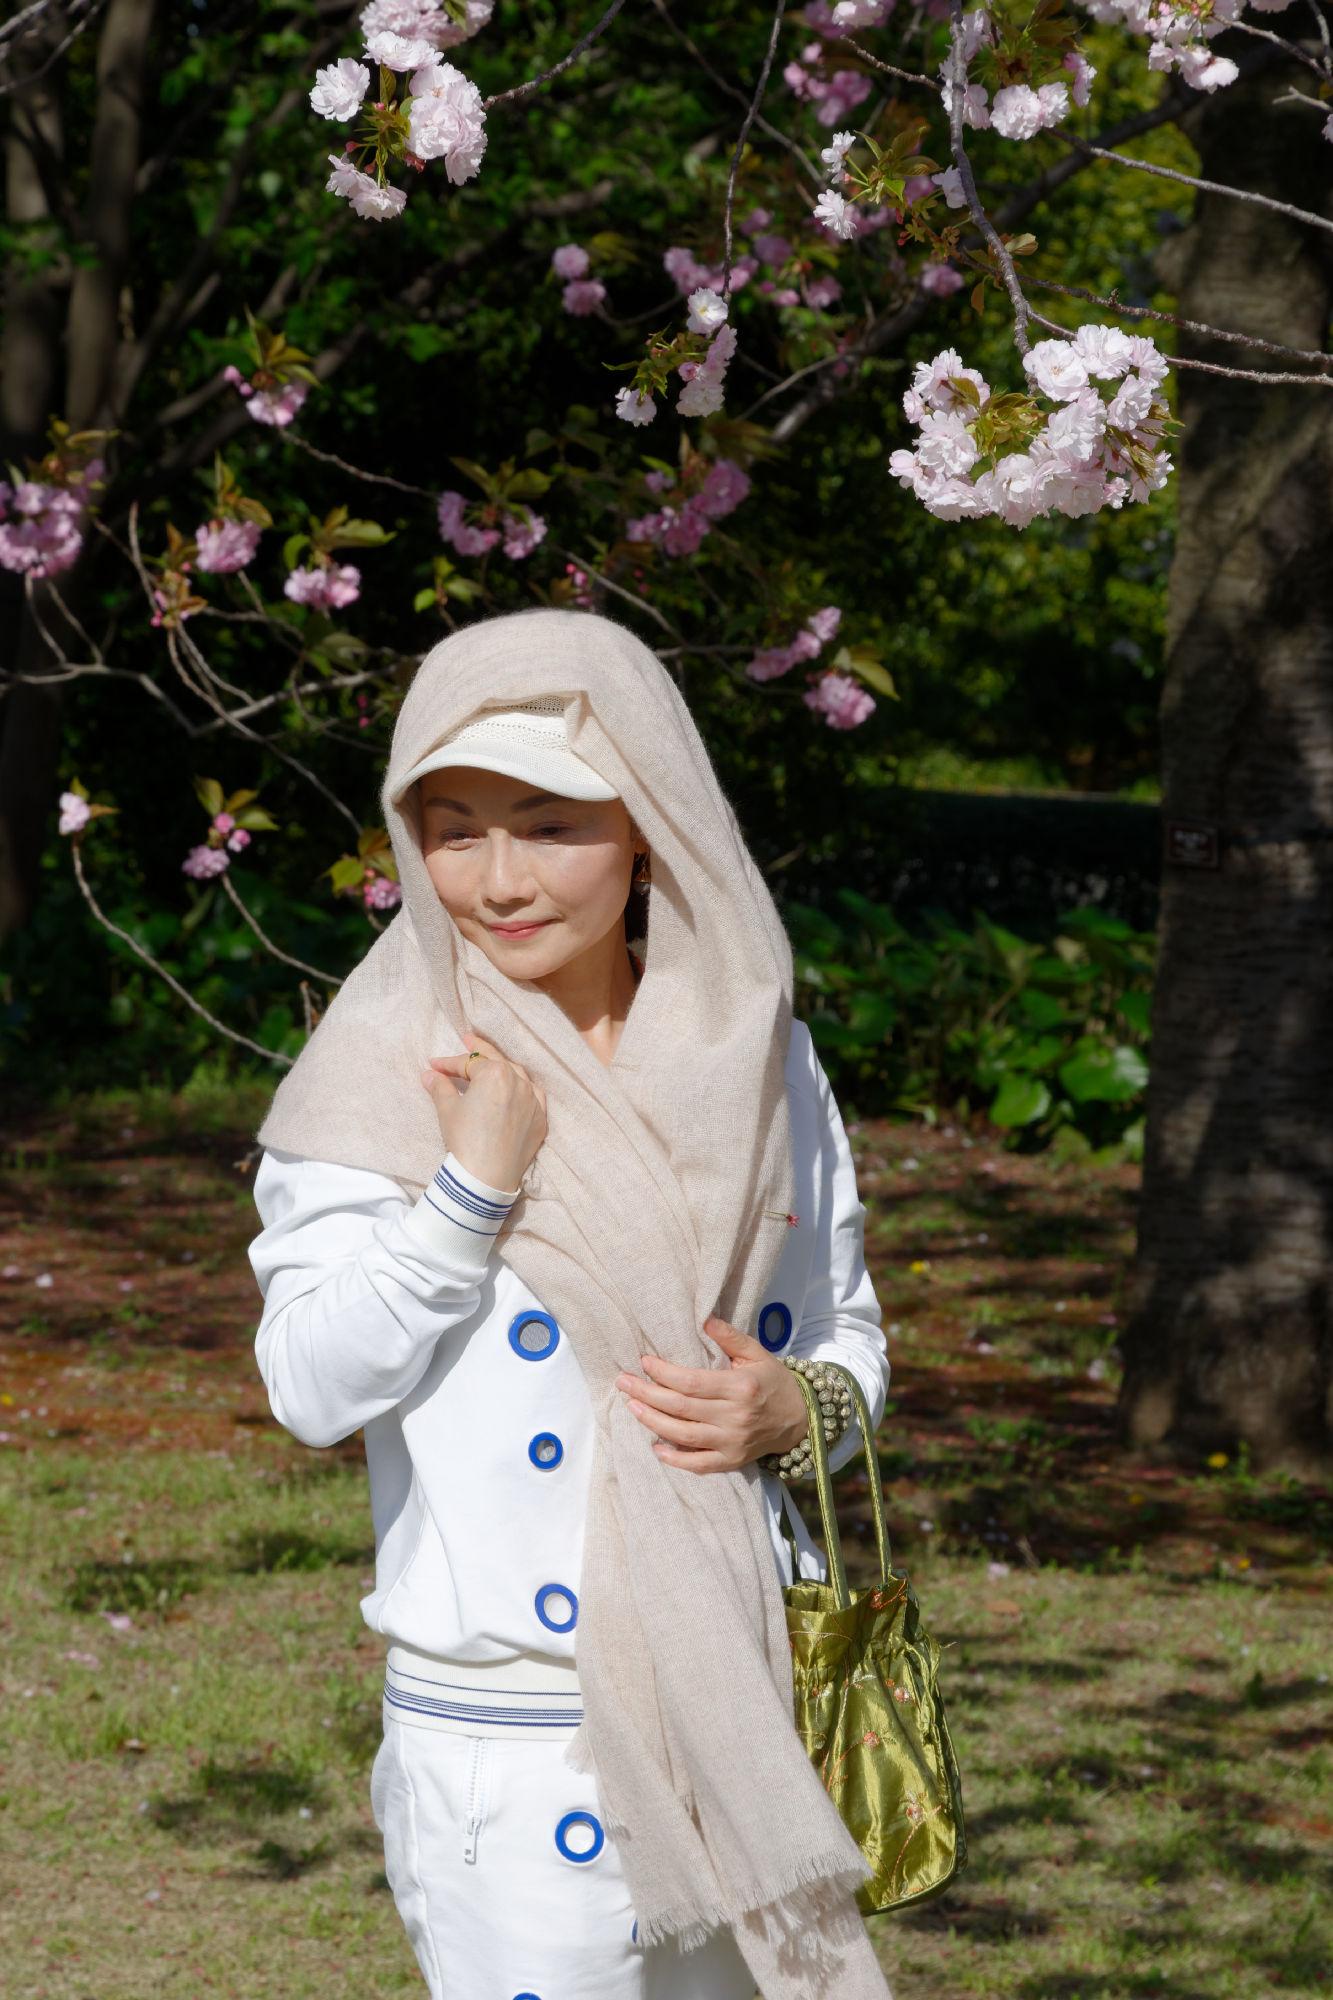 2017-04-19 15-15-35 Cherry Blossom